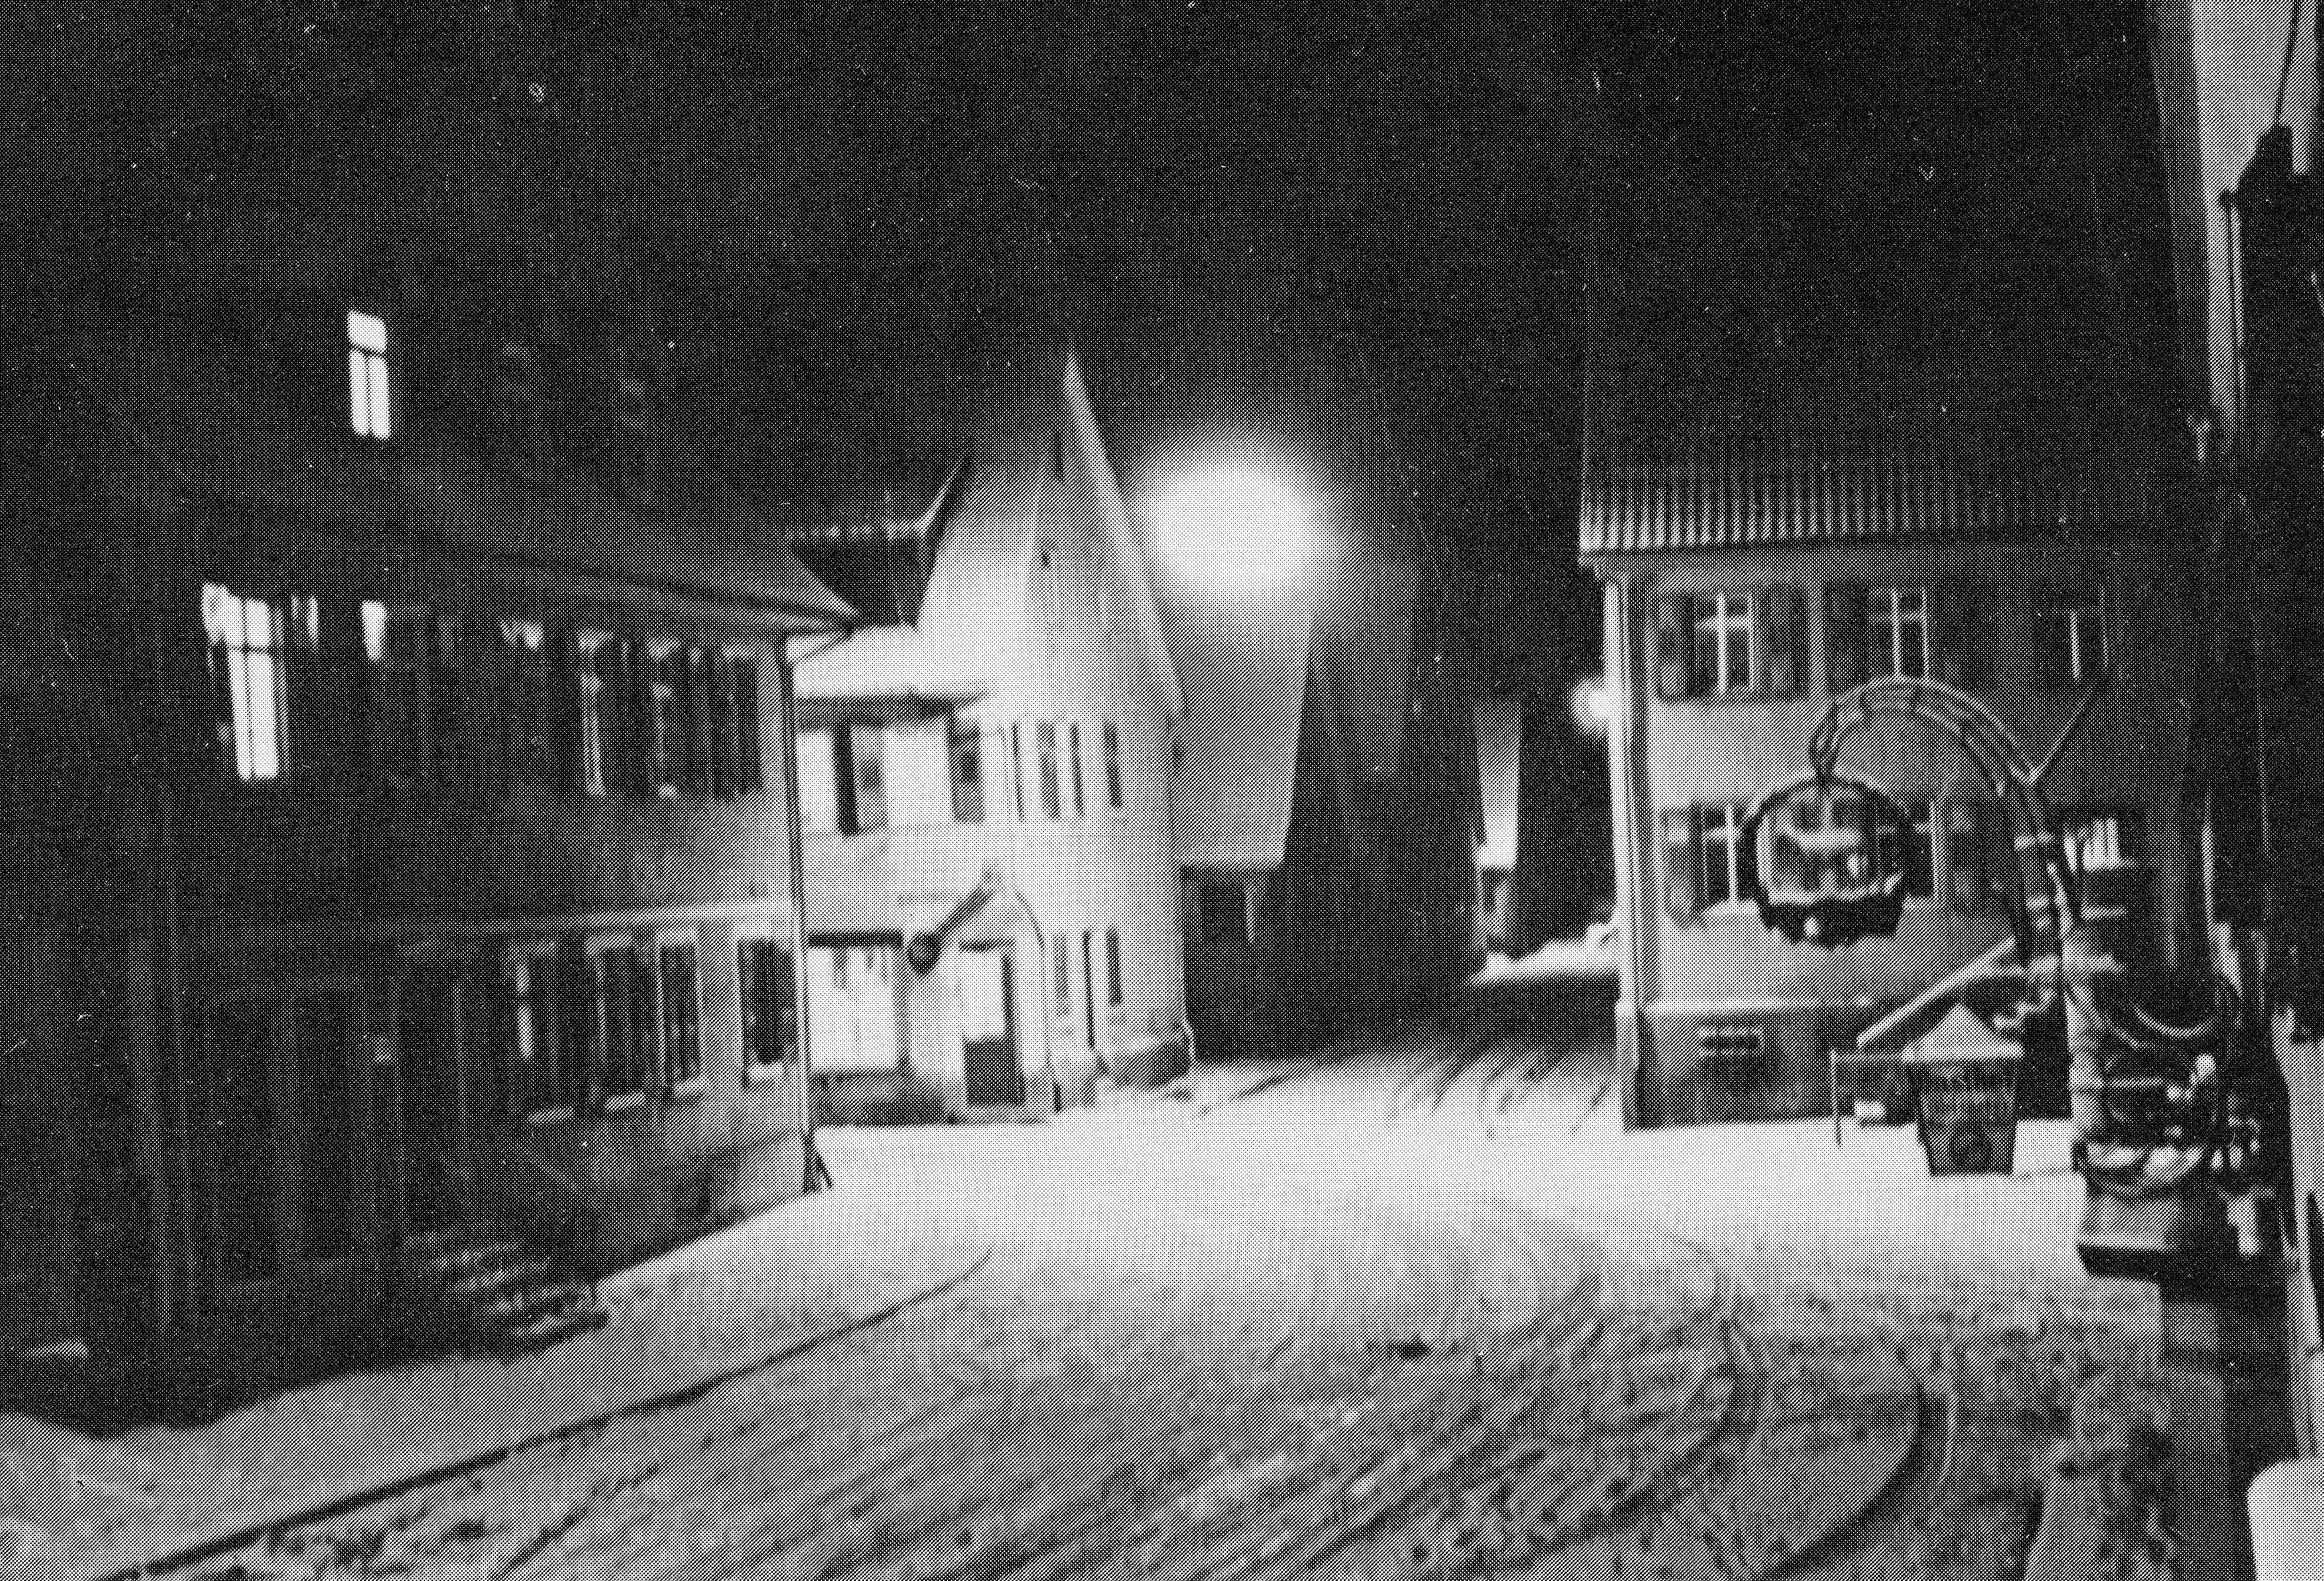 """Das 1974 abgebrochene Haus ganz links, ehemals Hauptstraße 15, war bis Ende 1938 das Wohnhaus der Familie Weil. Rechts ist das Wirtshausschild des """"Lamm"""" zu sehen, dahinter das Haus der Familie Jordan."""